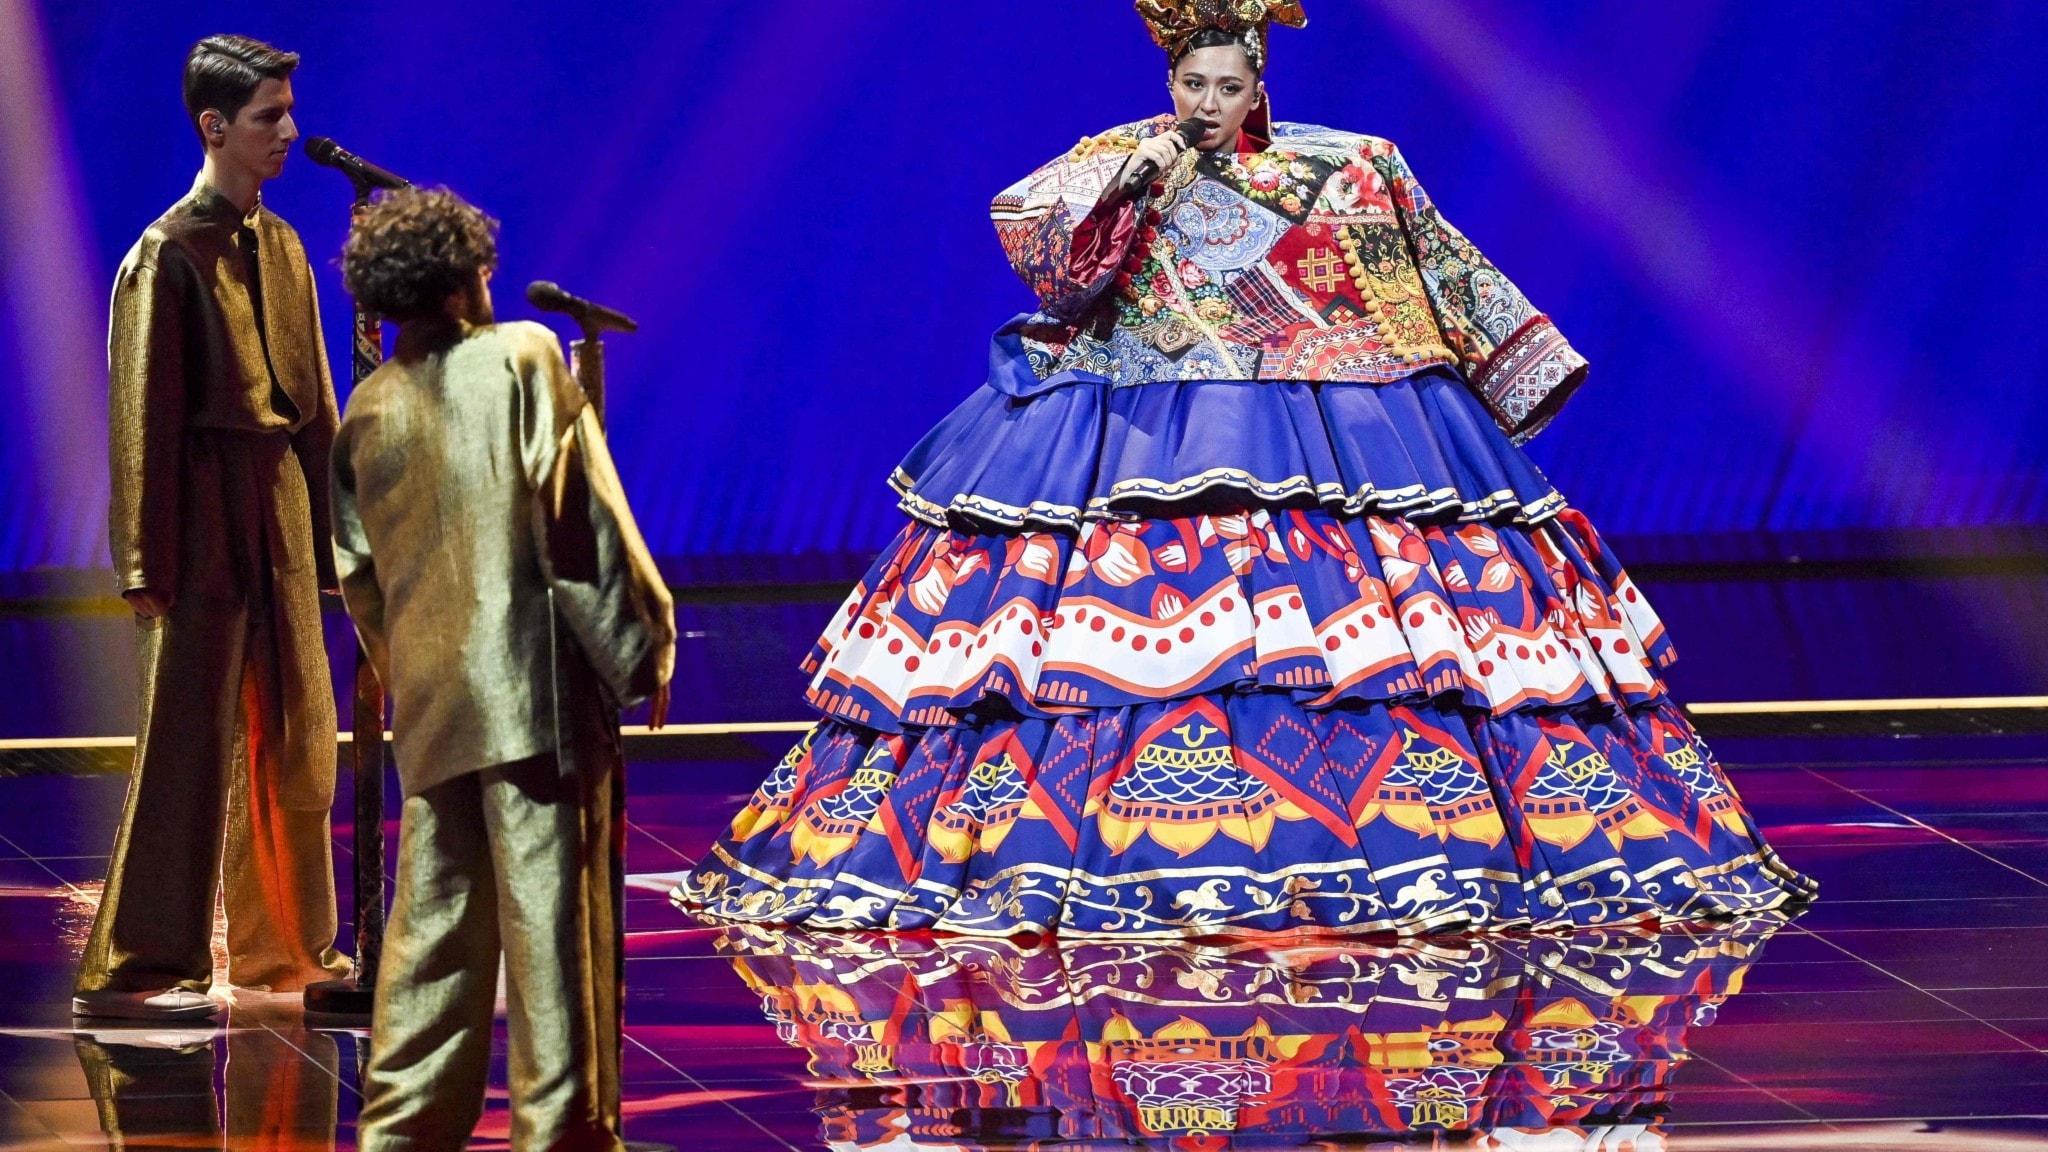 Den ryska artisten Marizha, som tävlar för sitt land i årets Eurovision Song Contest, står på scen i en stor folkloristisk klänning.